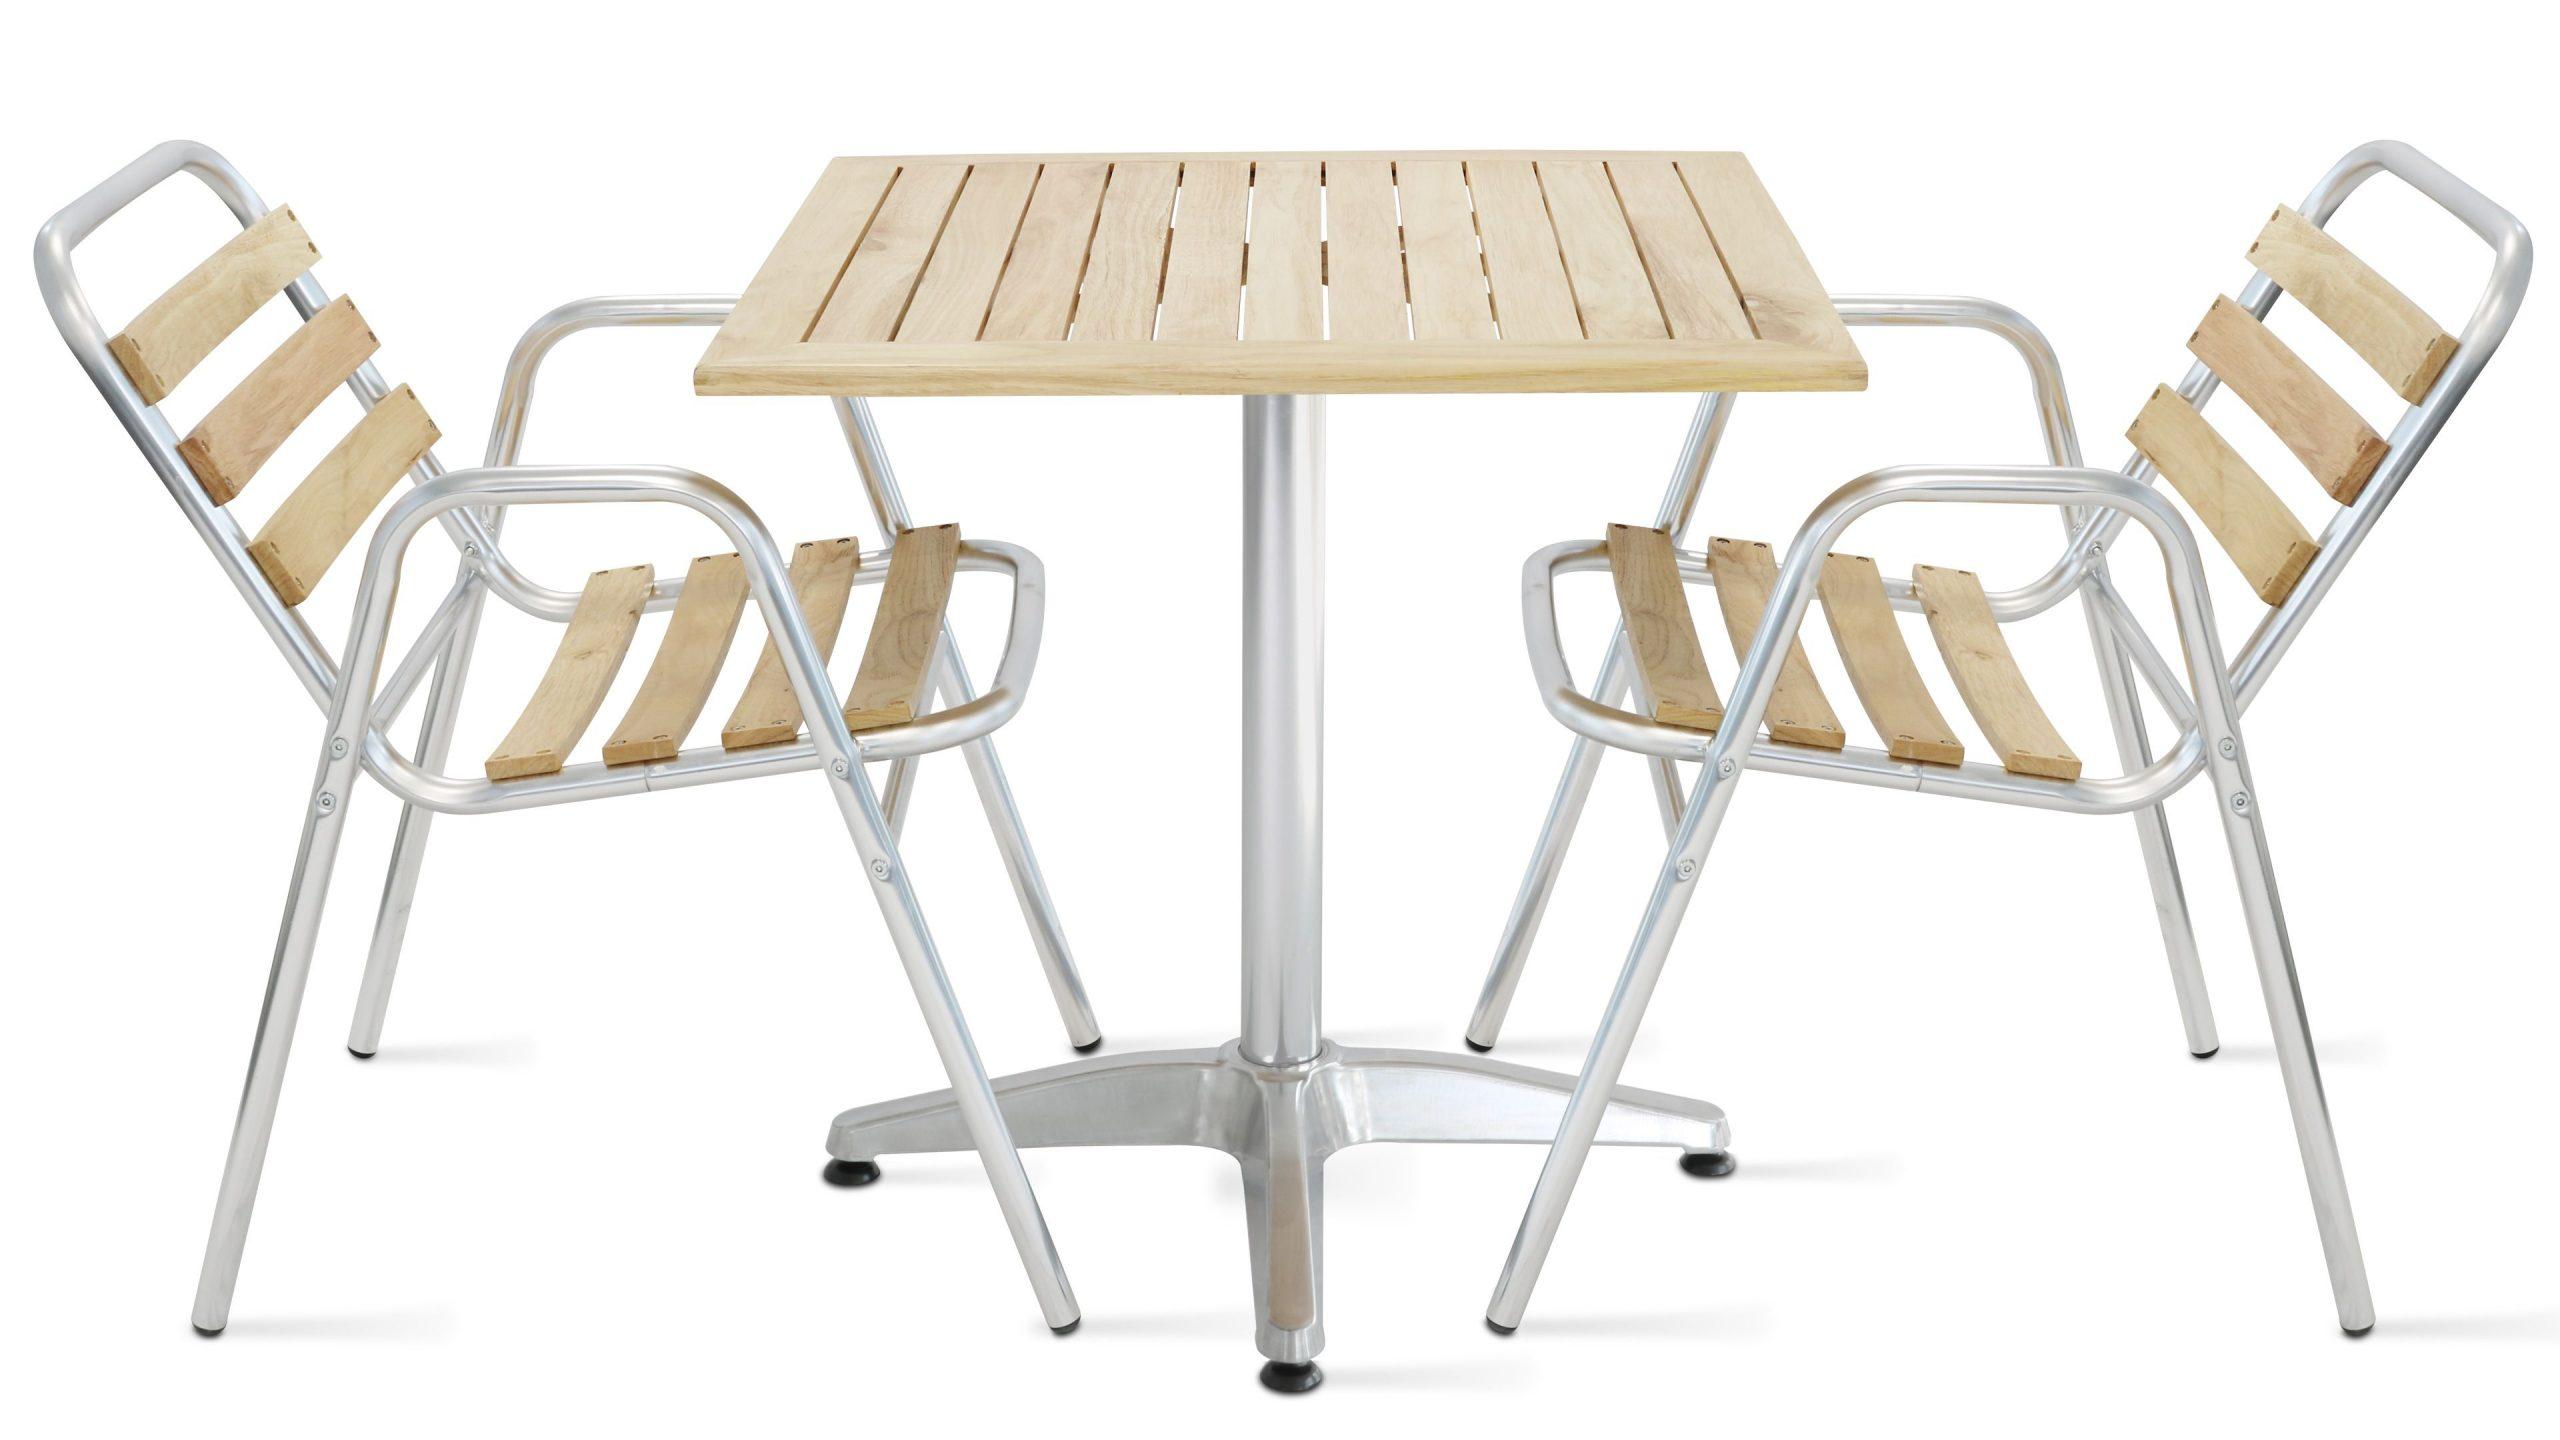 Table De Terrasse Carrée + 2 Chaises   Oviala destiné Table Et Chaise De Jardin En Bois